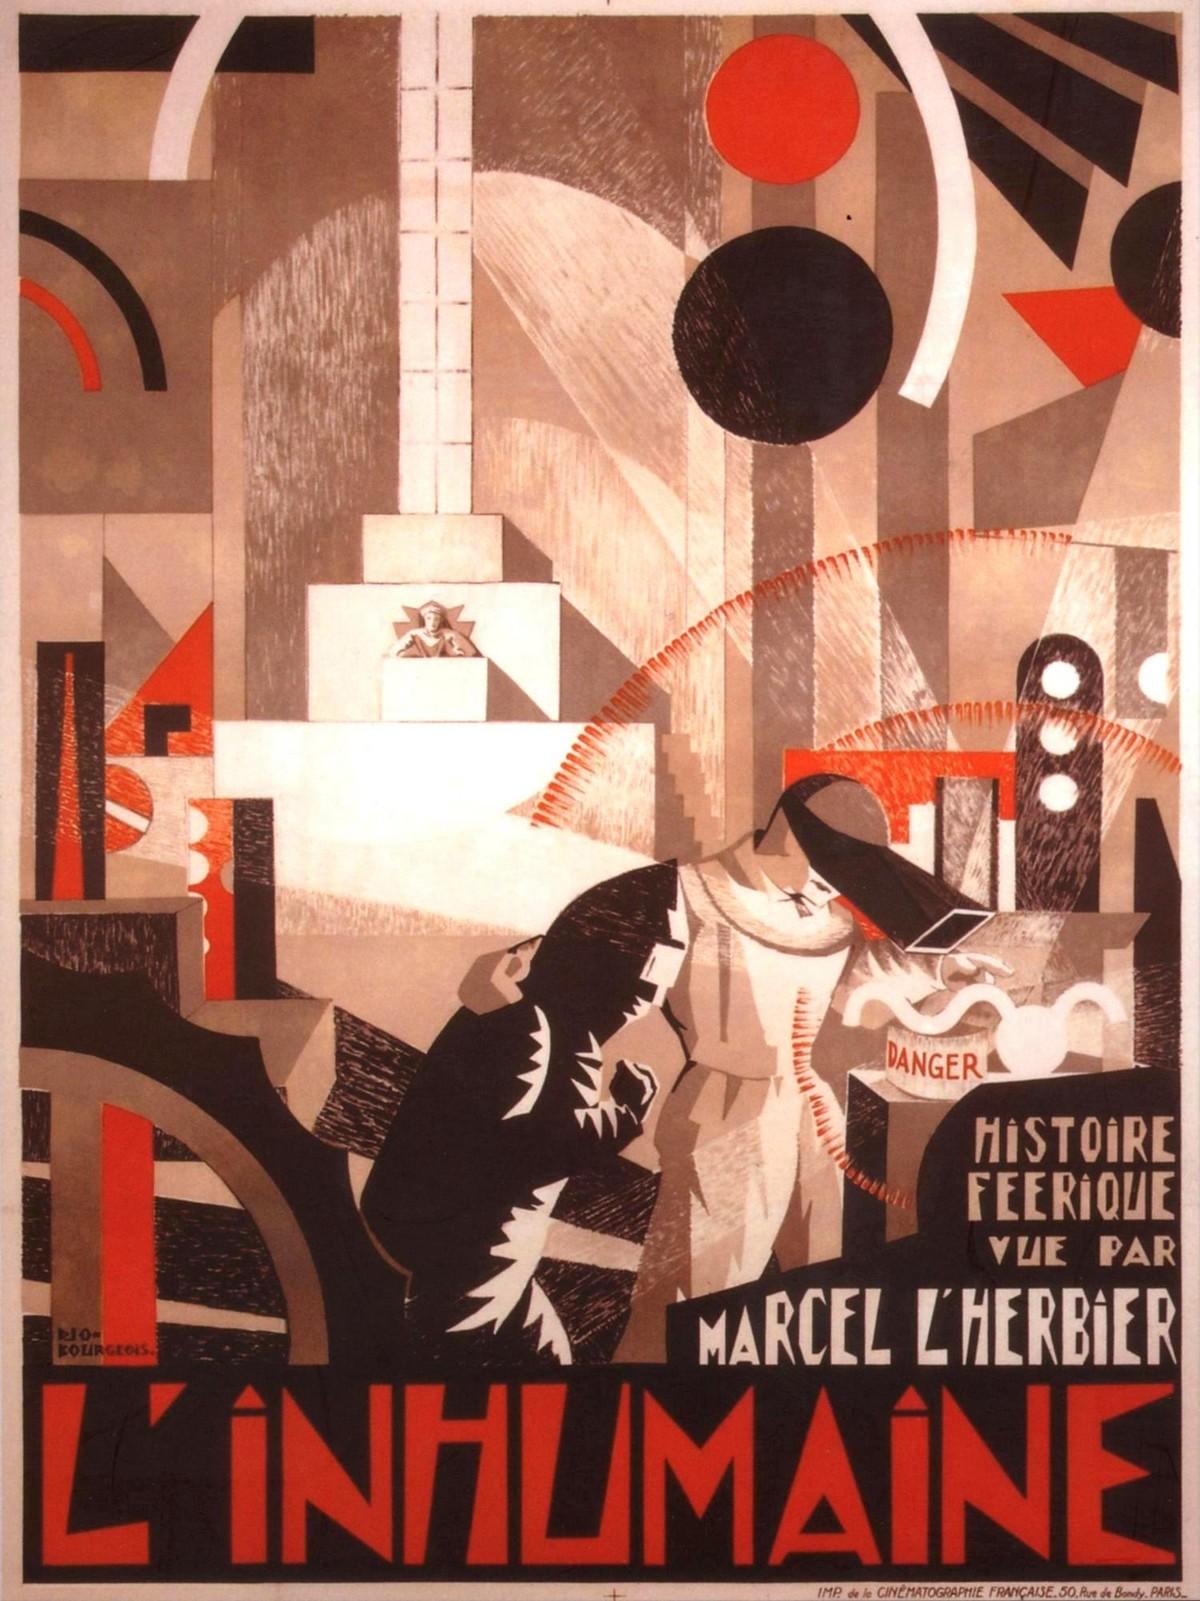 L'Inhumaine (Alloy Orchestra) | L'Herbier, Marcel (Réalisateur)